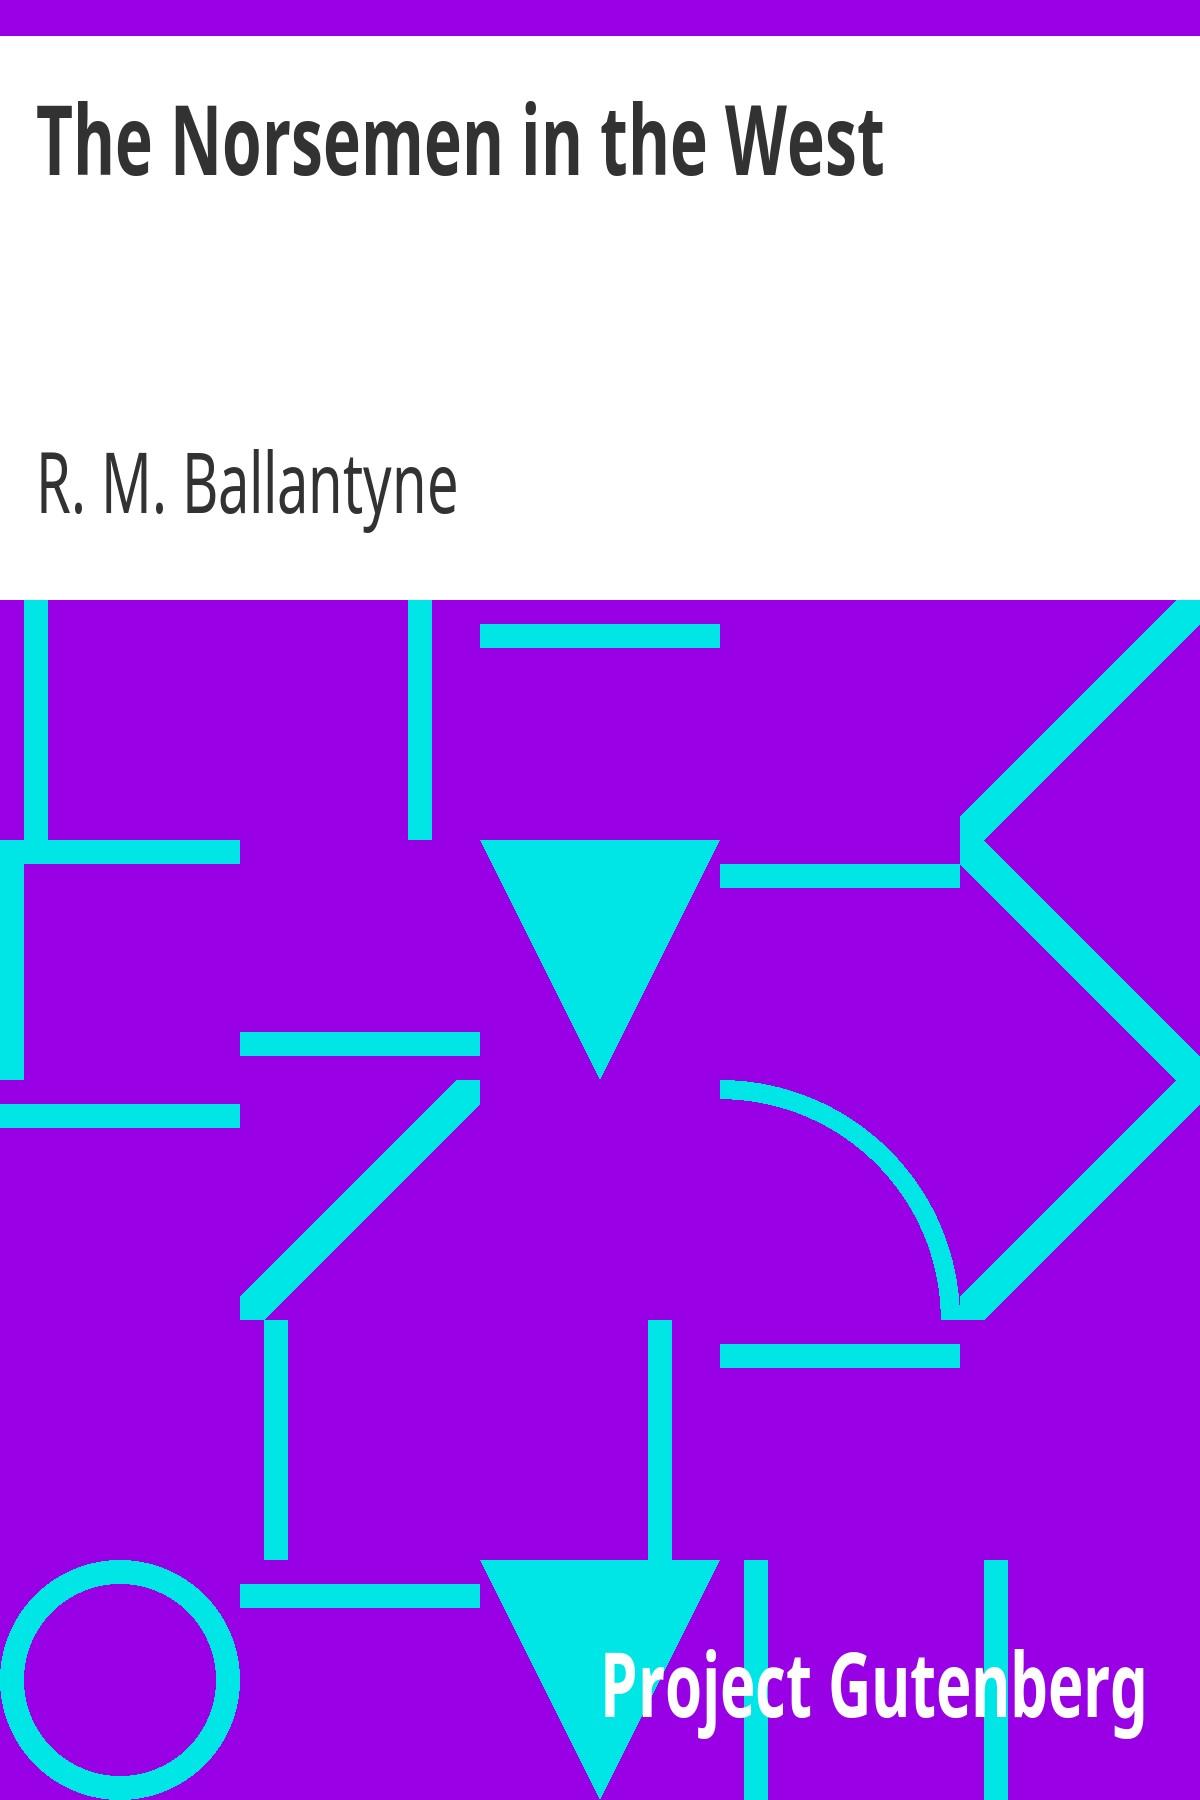 R. M. Ballantyne The Norsemen in the West